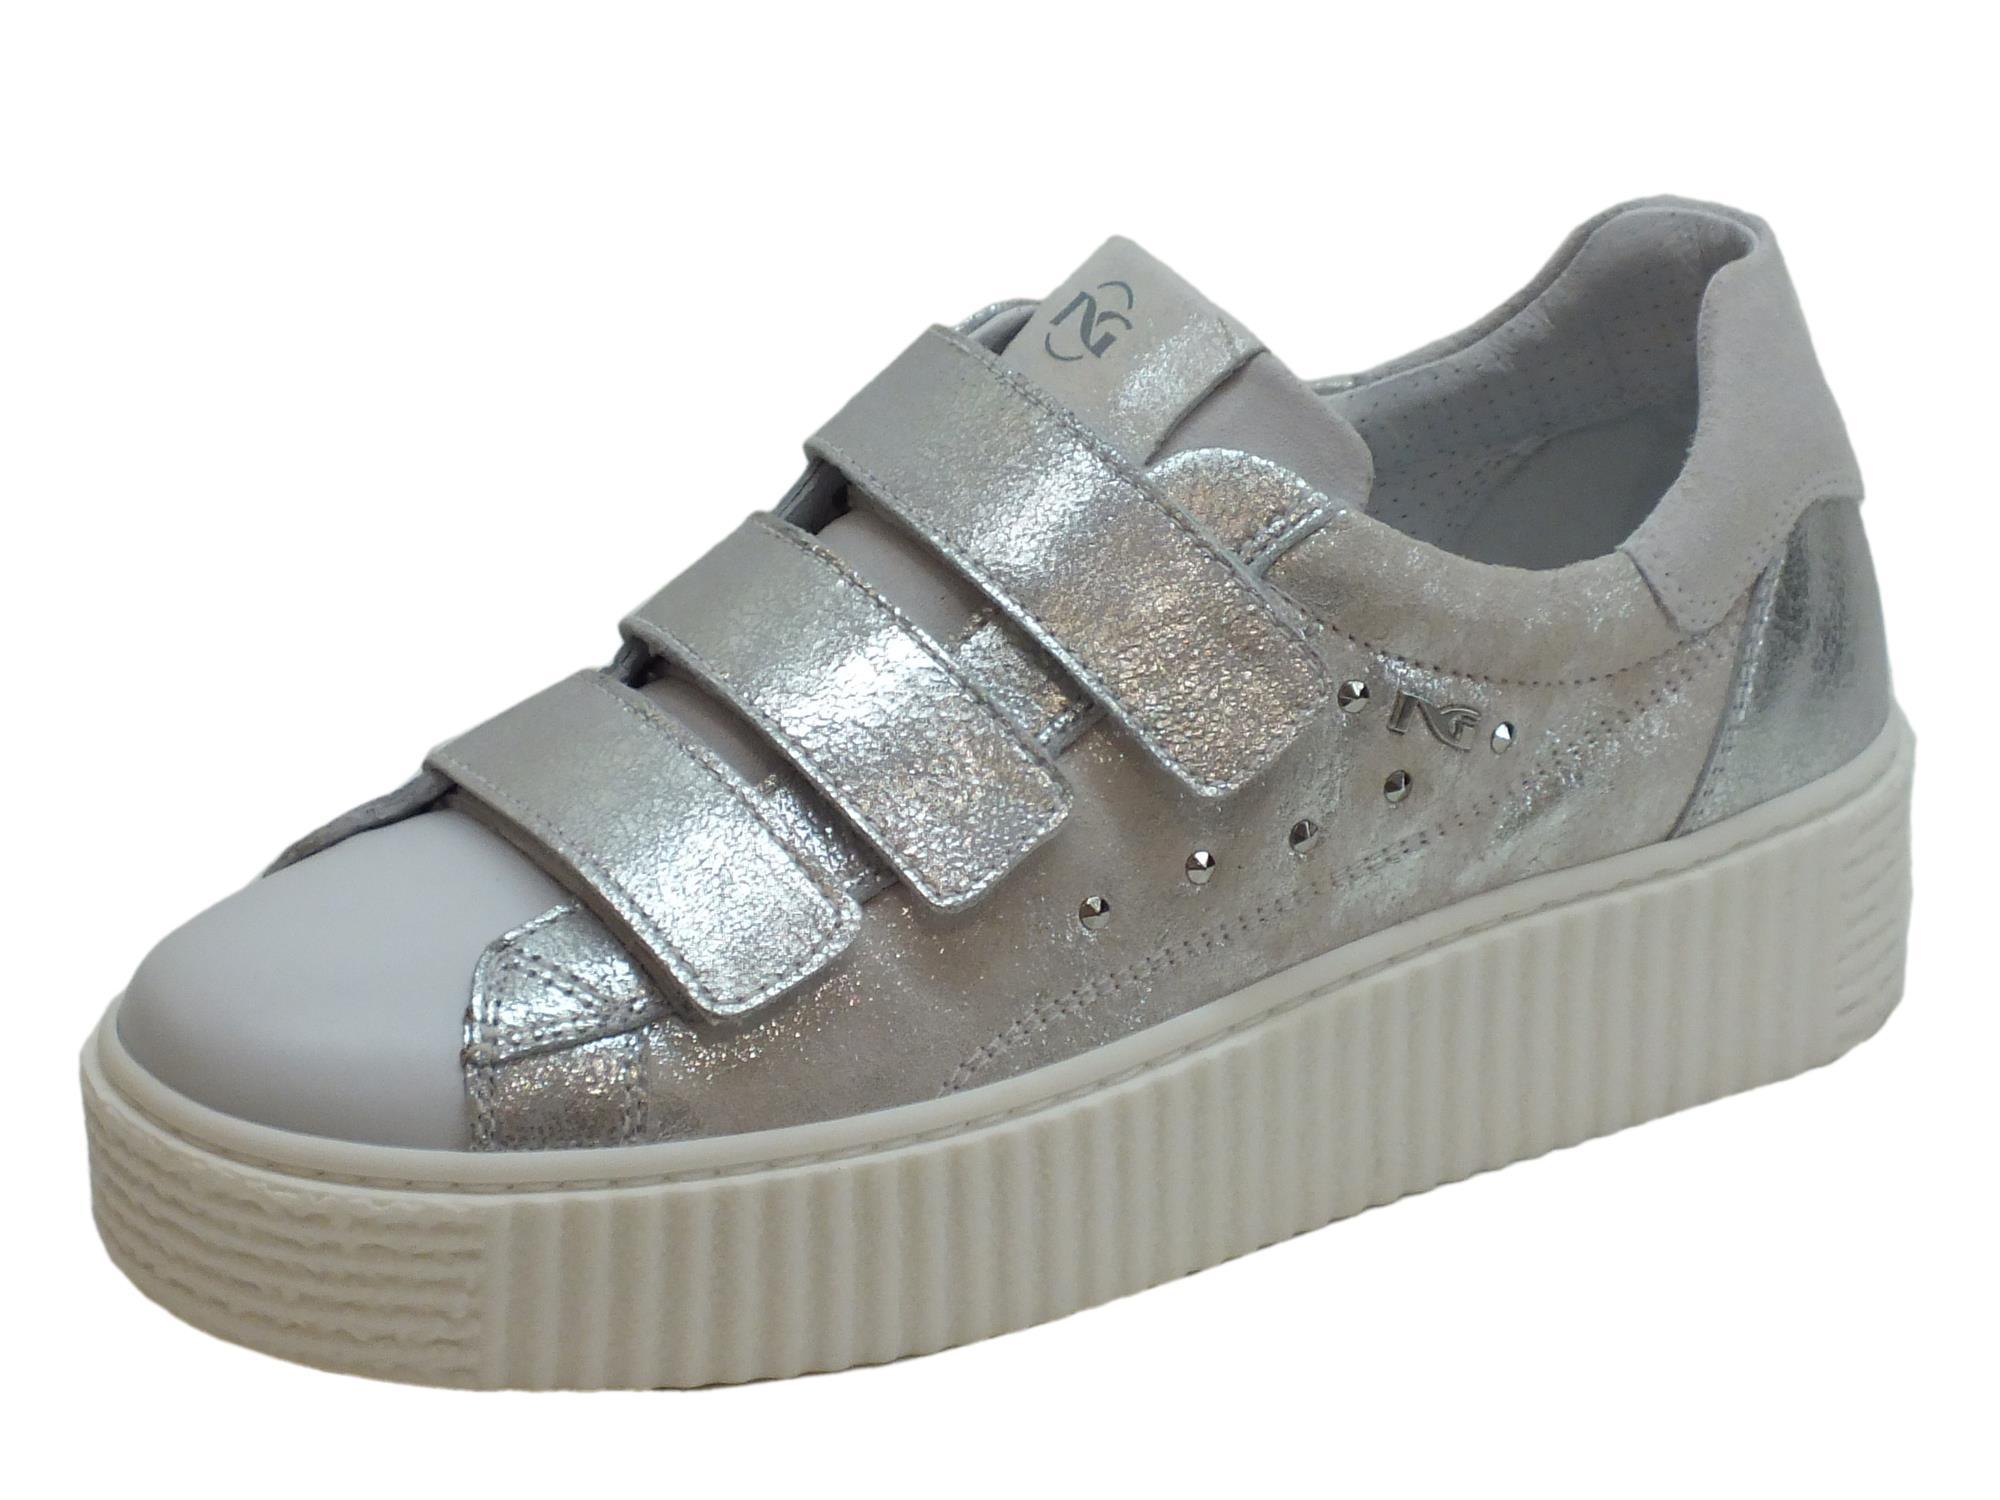 Sneakers NeroGiardini per donna in pelle bianca ed argento spazzolato